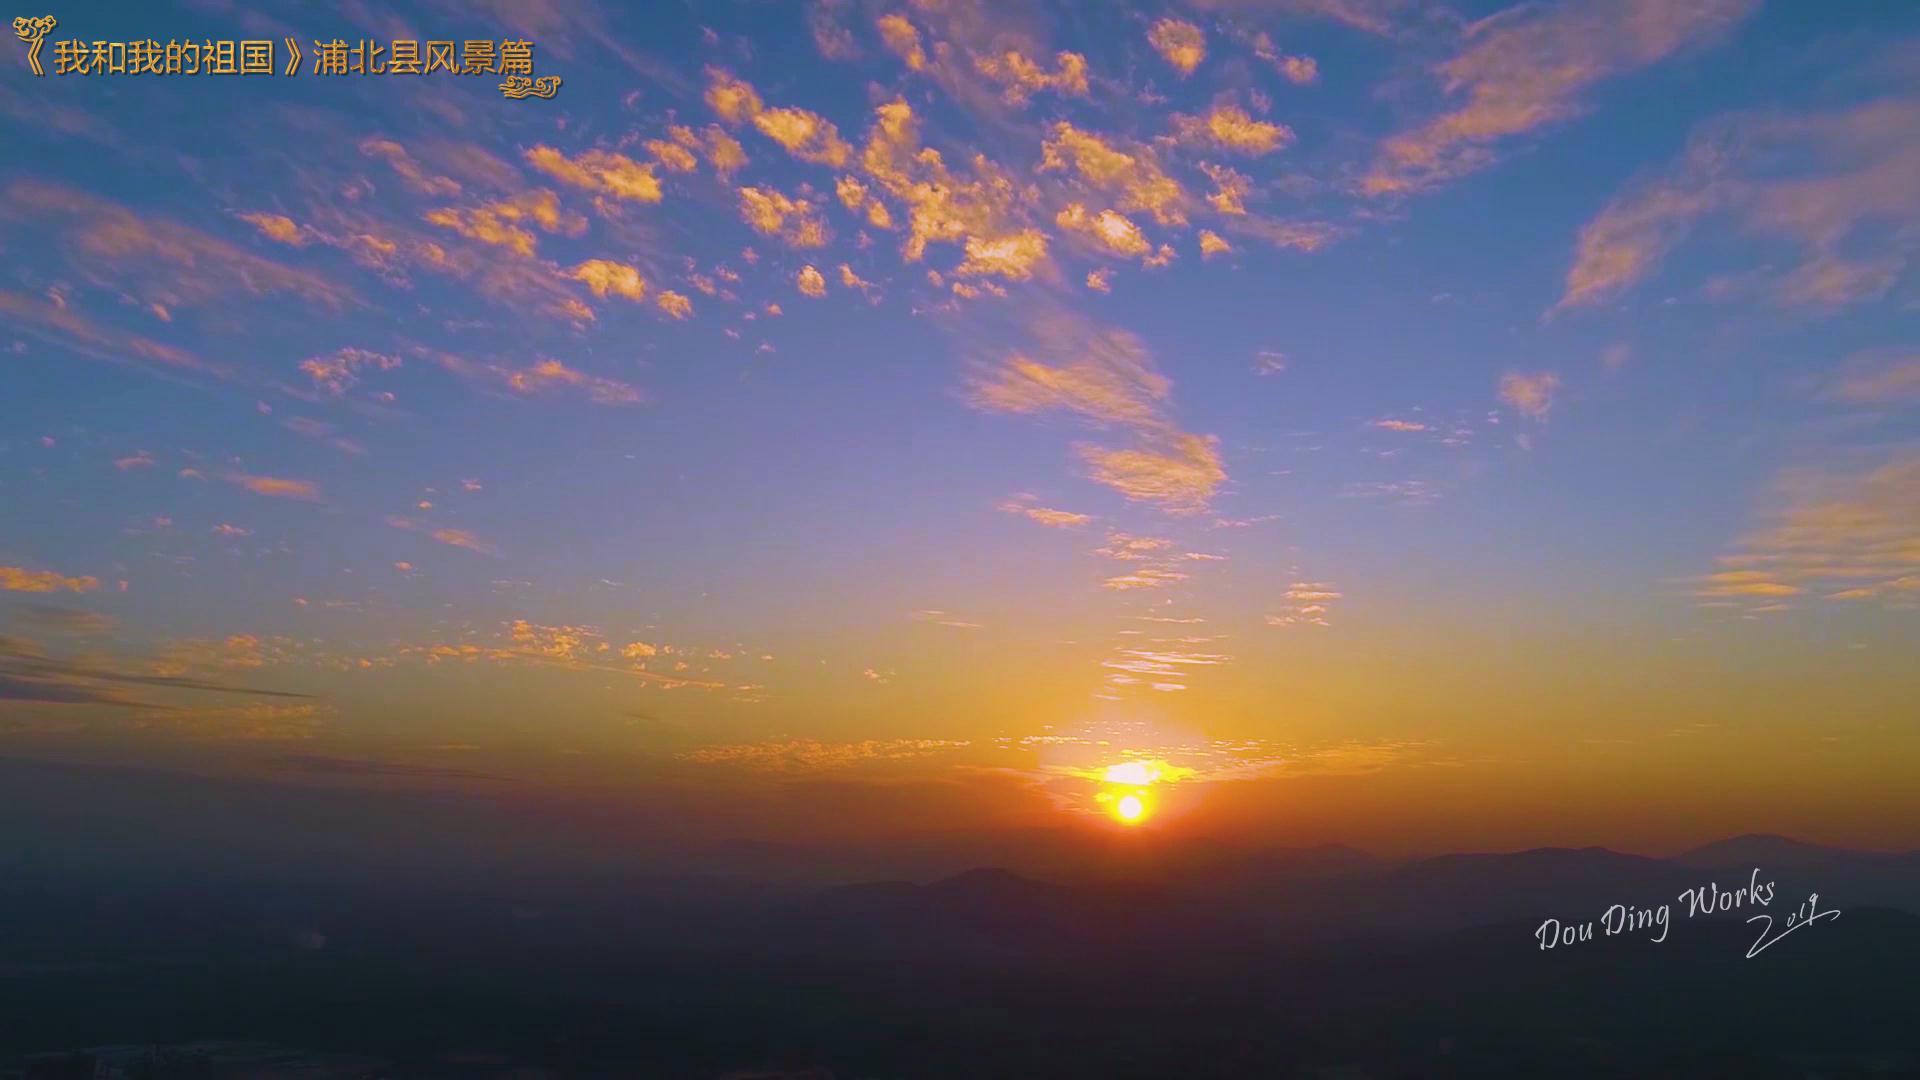 《我和我的祖国》浦北县风景篇17.jpg